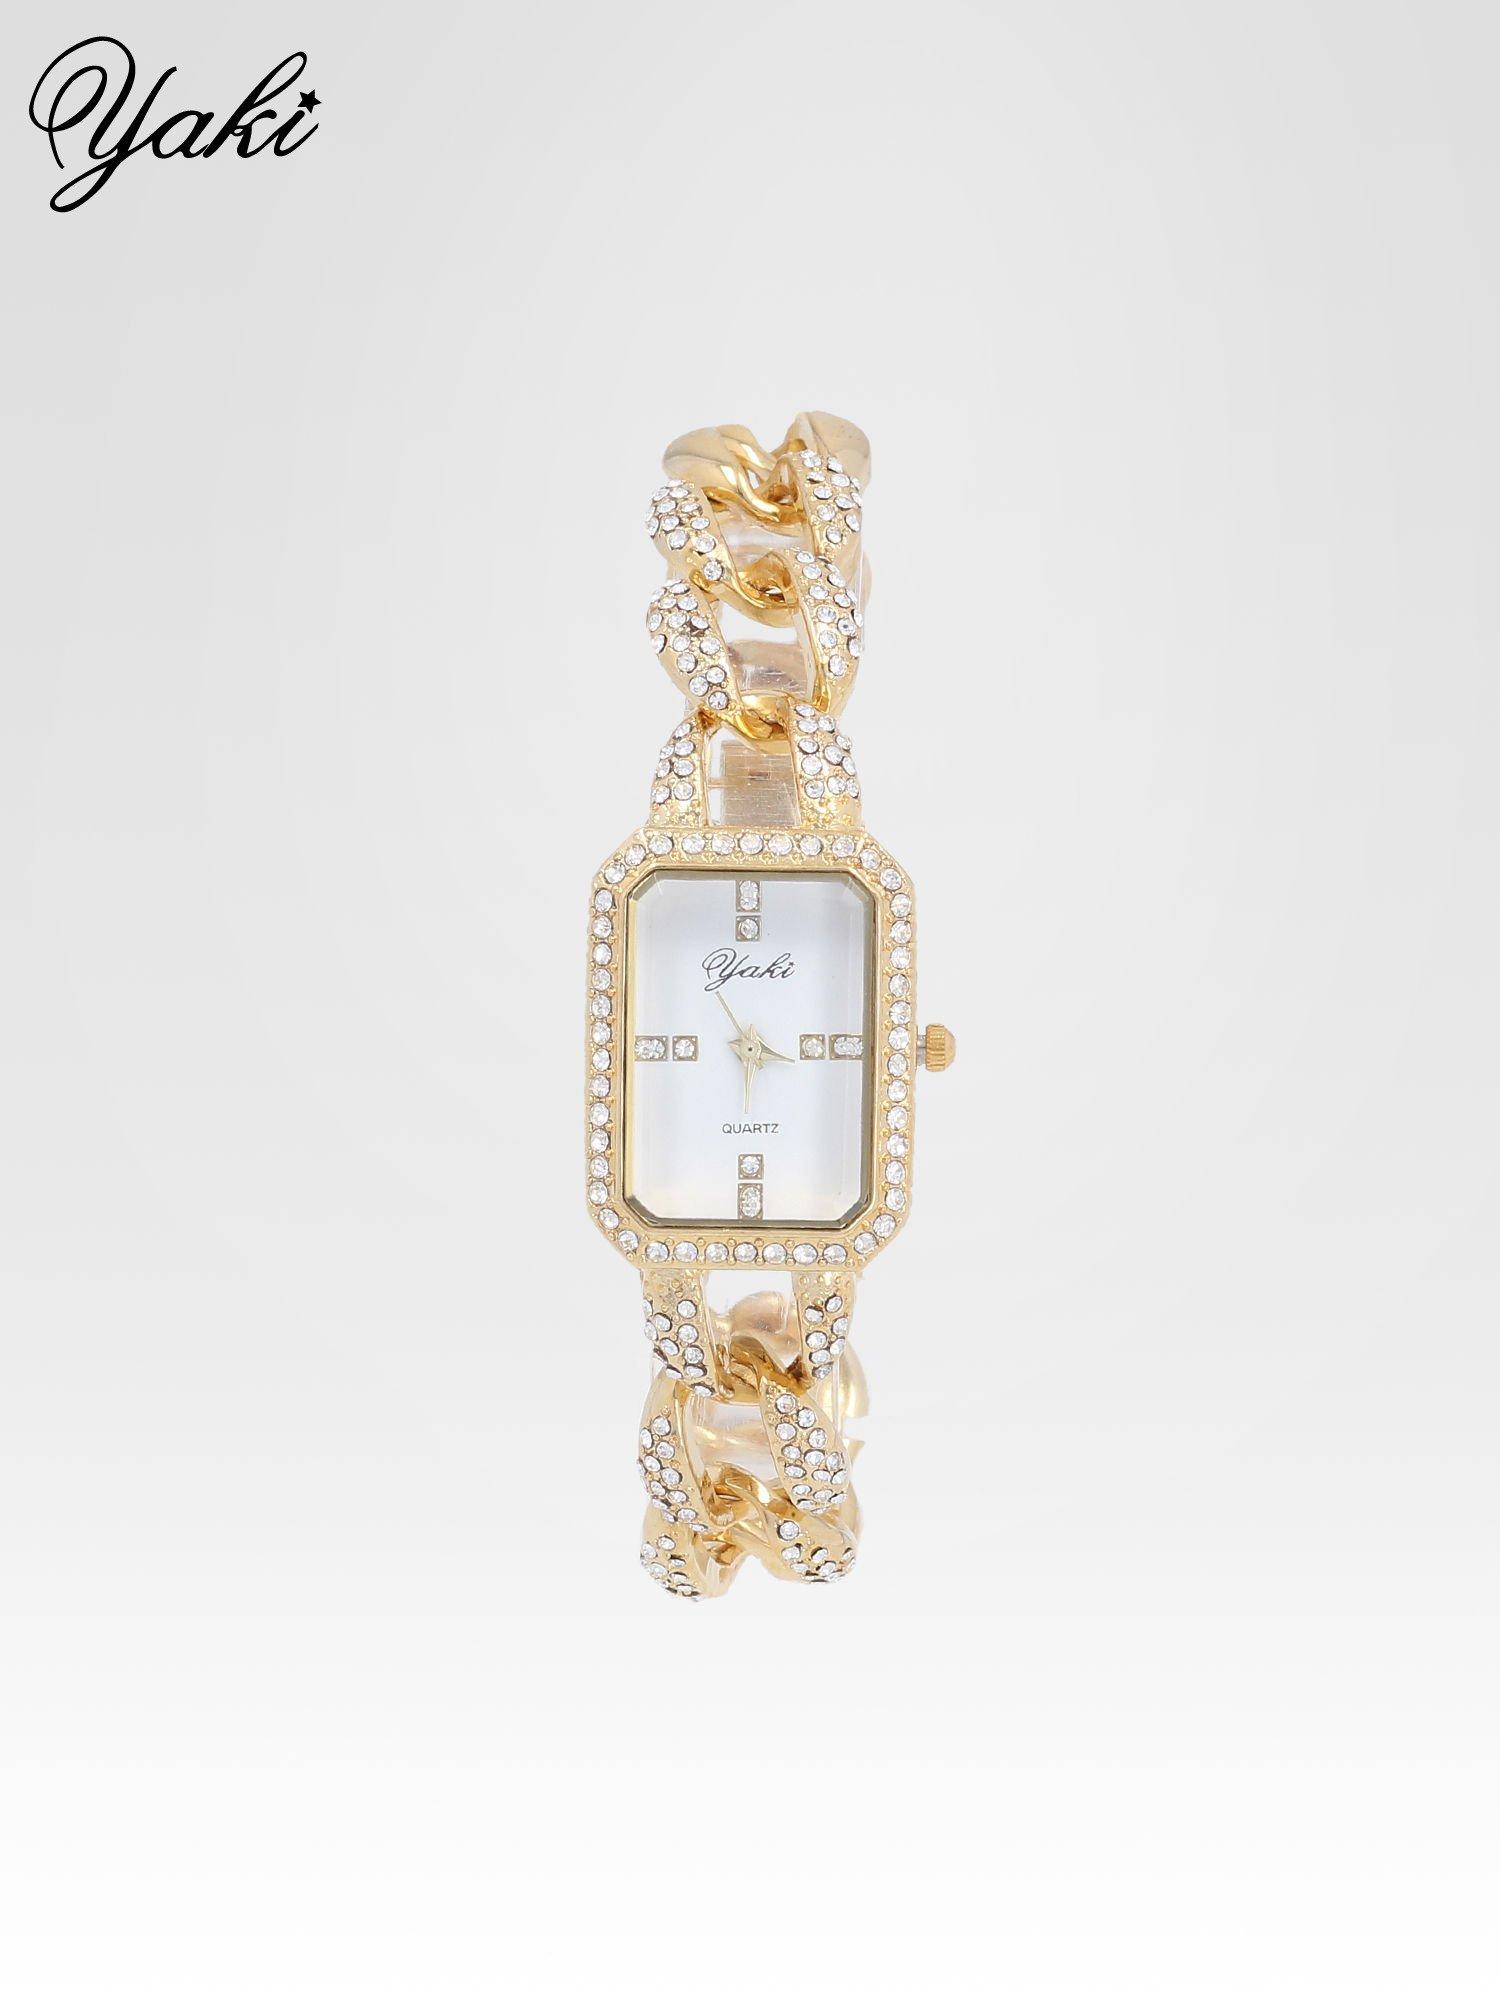 Złoty biżuteryjny zegarek damski na bransolecie z cyrkoniami                                  zdj.                                  1